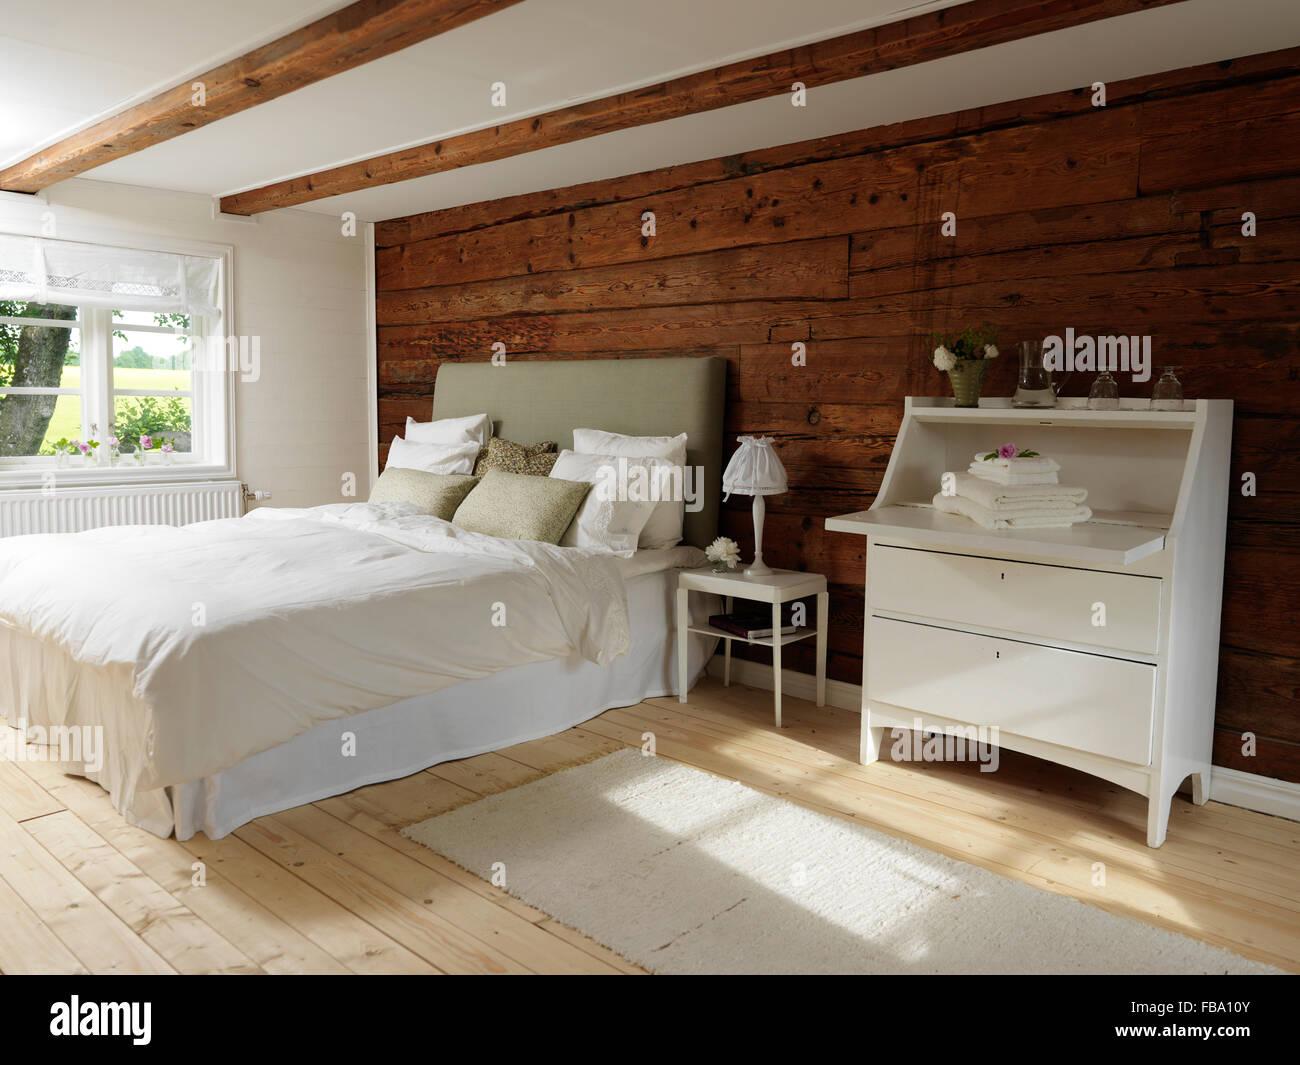 Suecia, dormitorio de estilo escandinavo con colores blanco y madera. Imagen De Stock